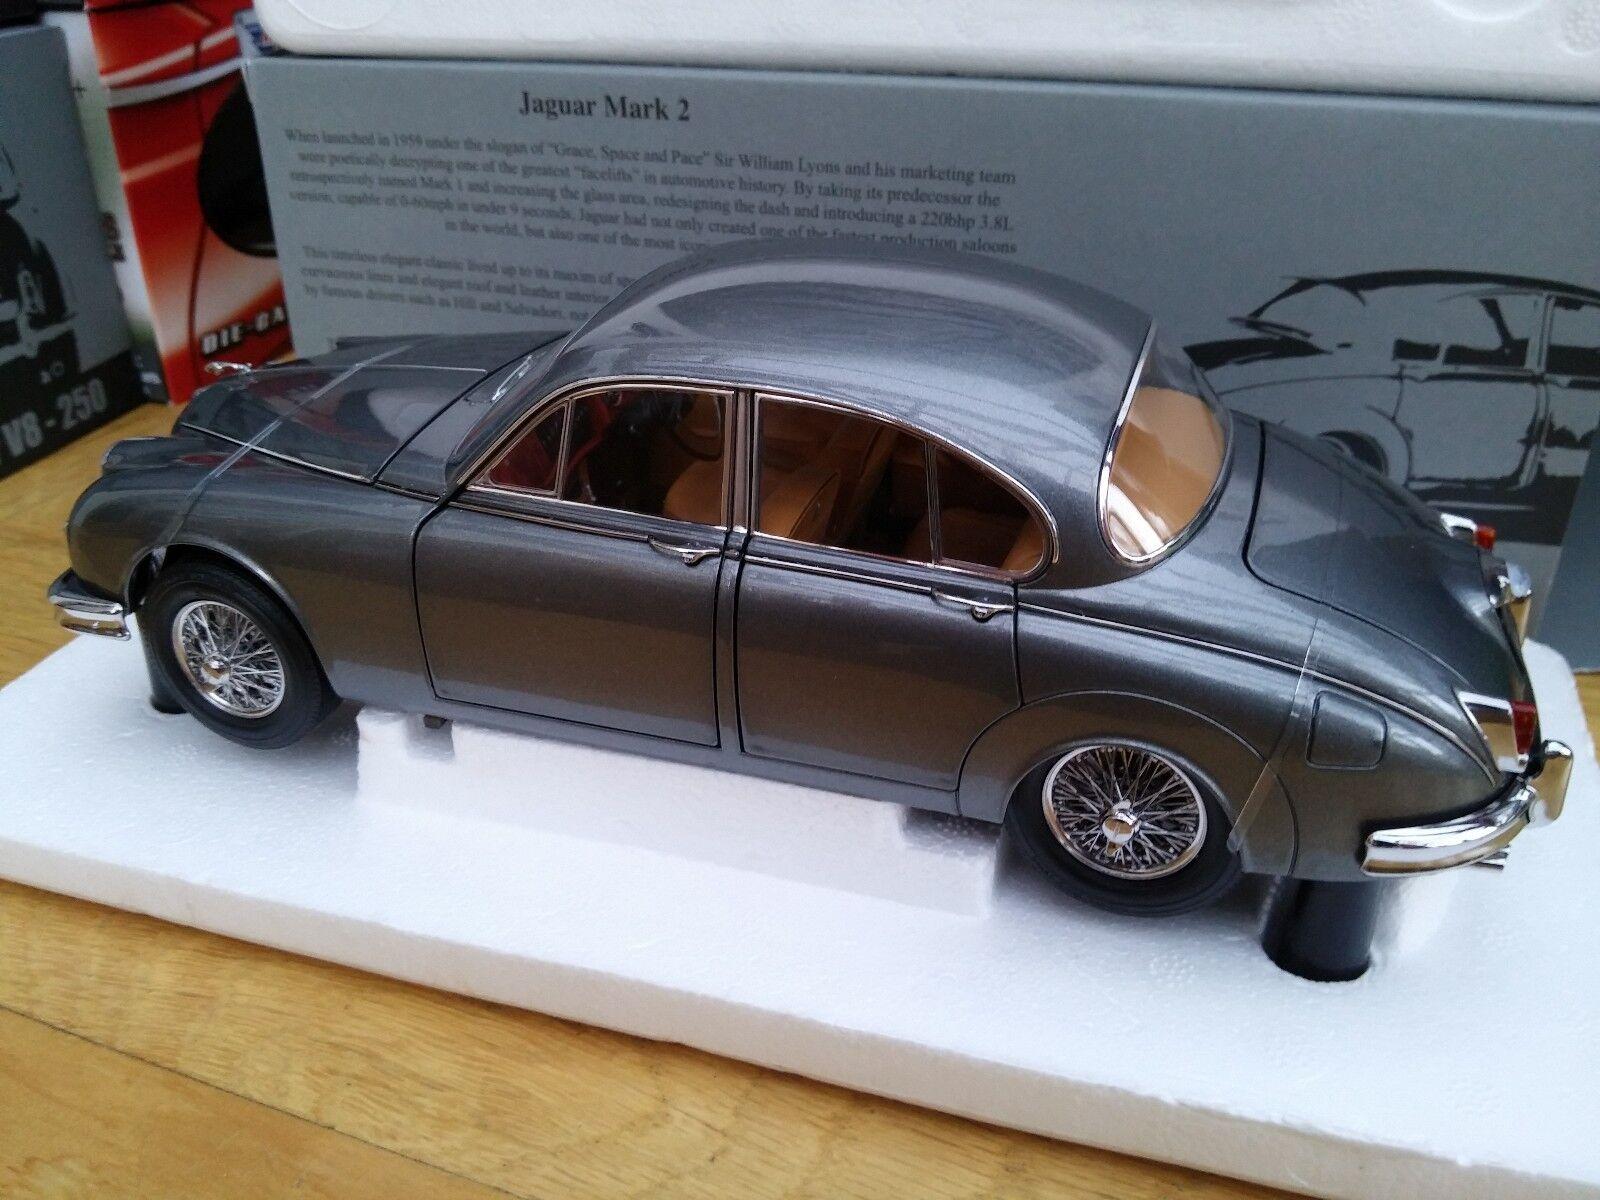 PARAGON 98322R 98323R JAGUAR Mk.II 3.8 model cars Carmen red Gunmetal 1962 1 18